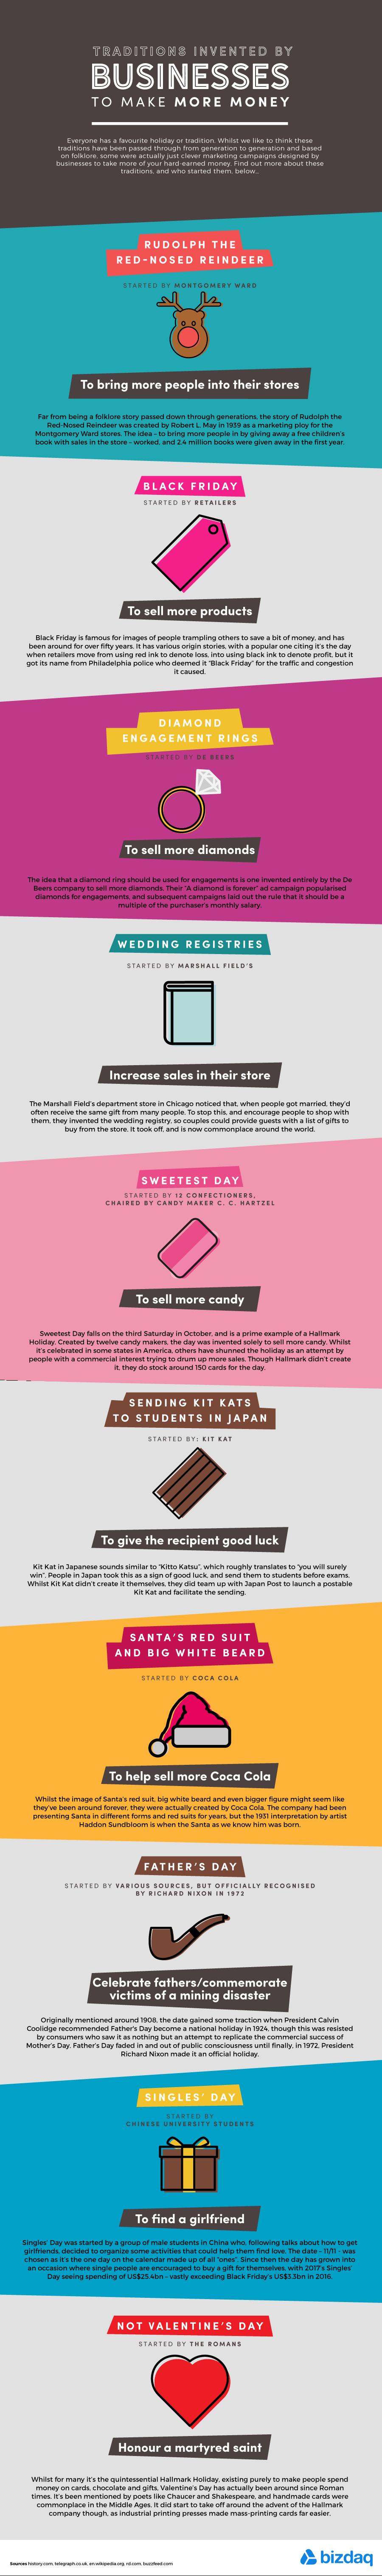 El poder del marketing. 10 tradiciones inventadas por los negocios para generar más dinero